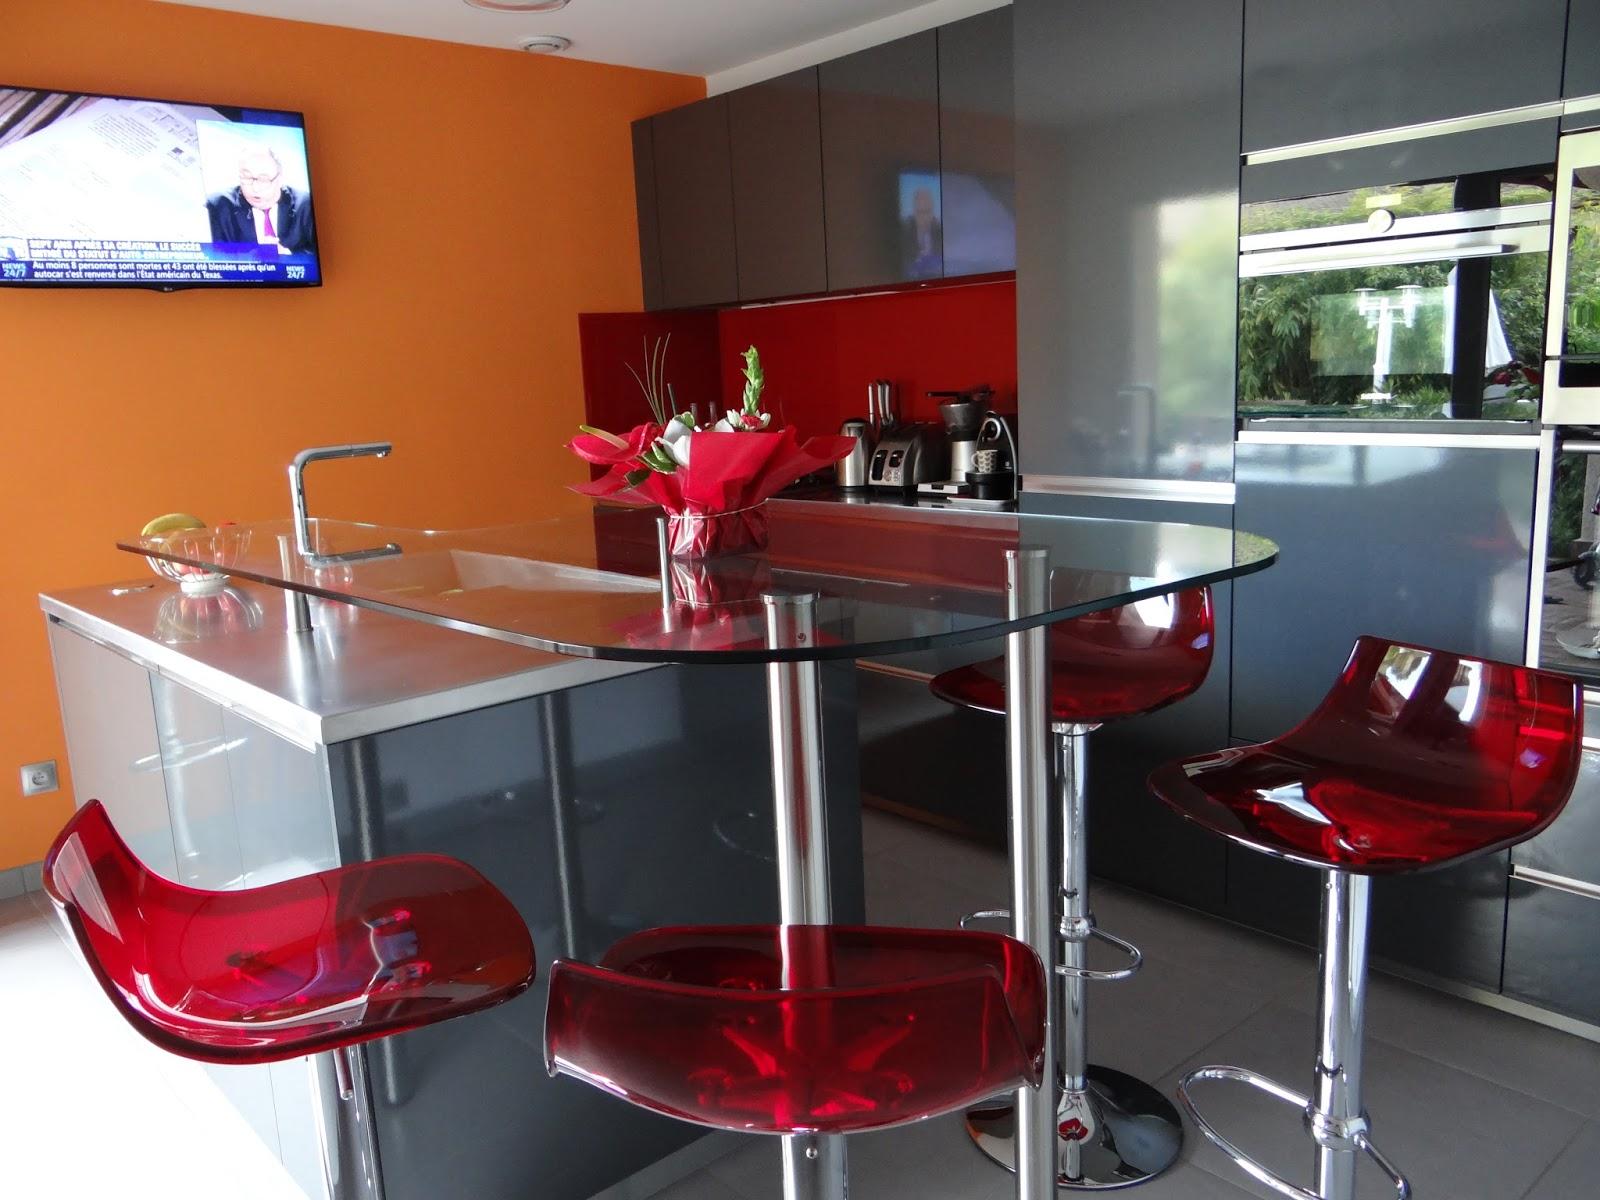 la crdence rouge est coordonne aux tabourets le mur orang apporte une touche de fantaisie. Black Bedroom Furniture Sets. Home Design Ideas